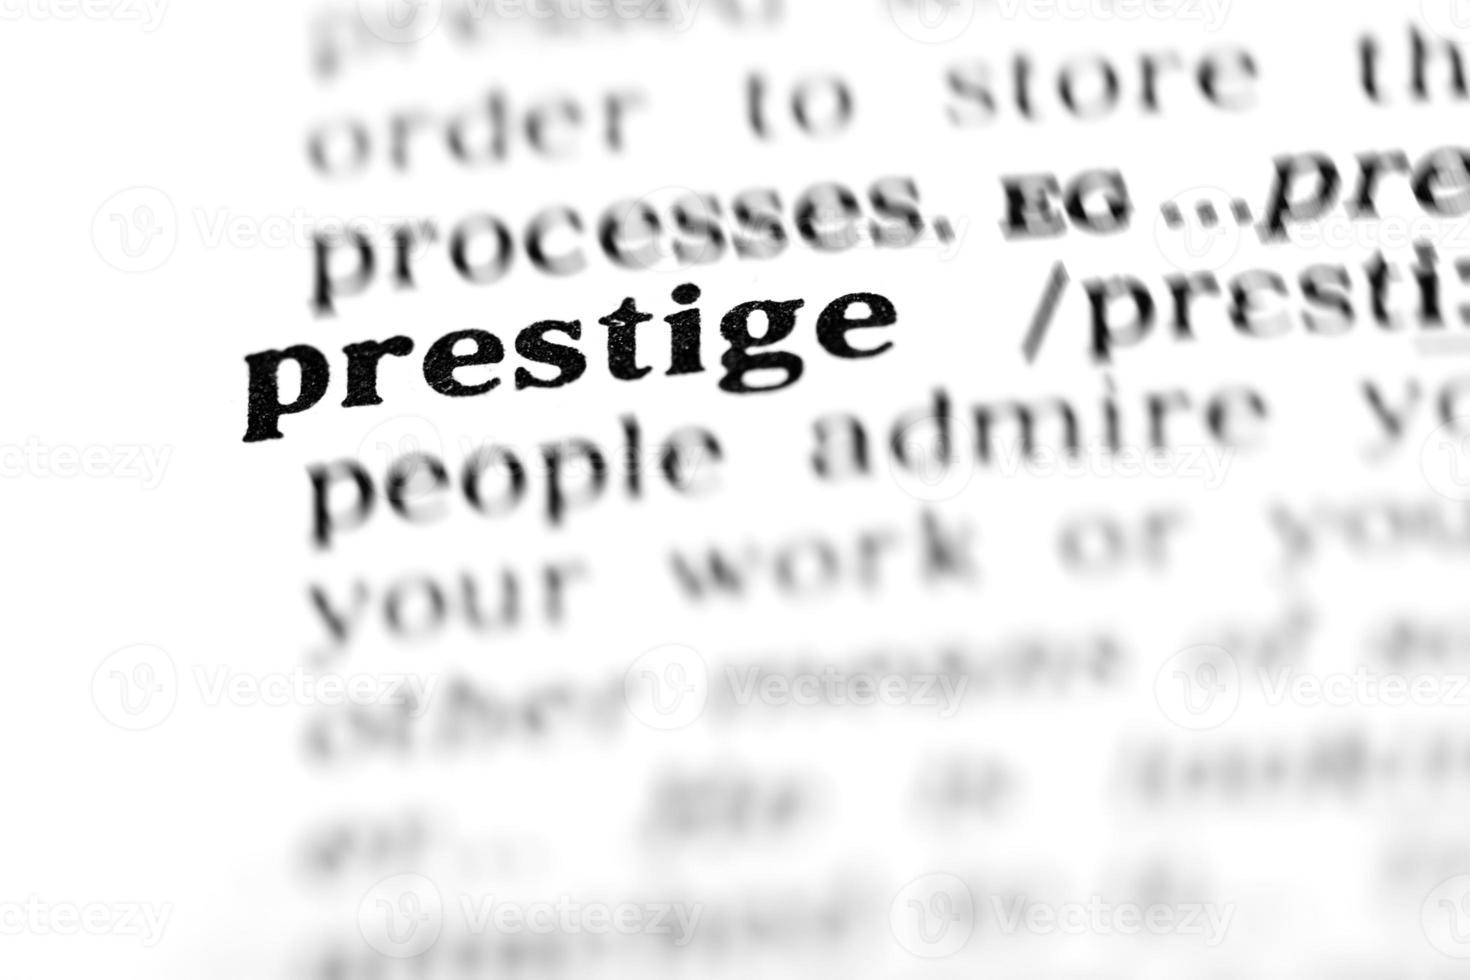 prestige (le projet de dictionnaire) photo